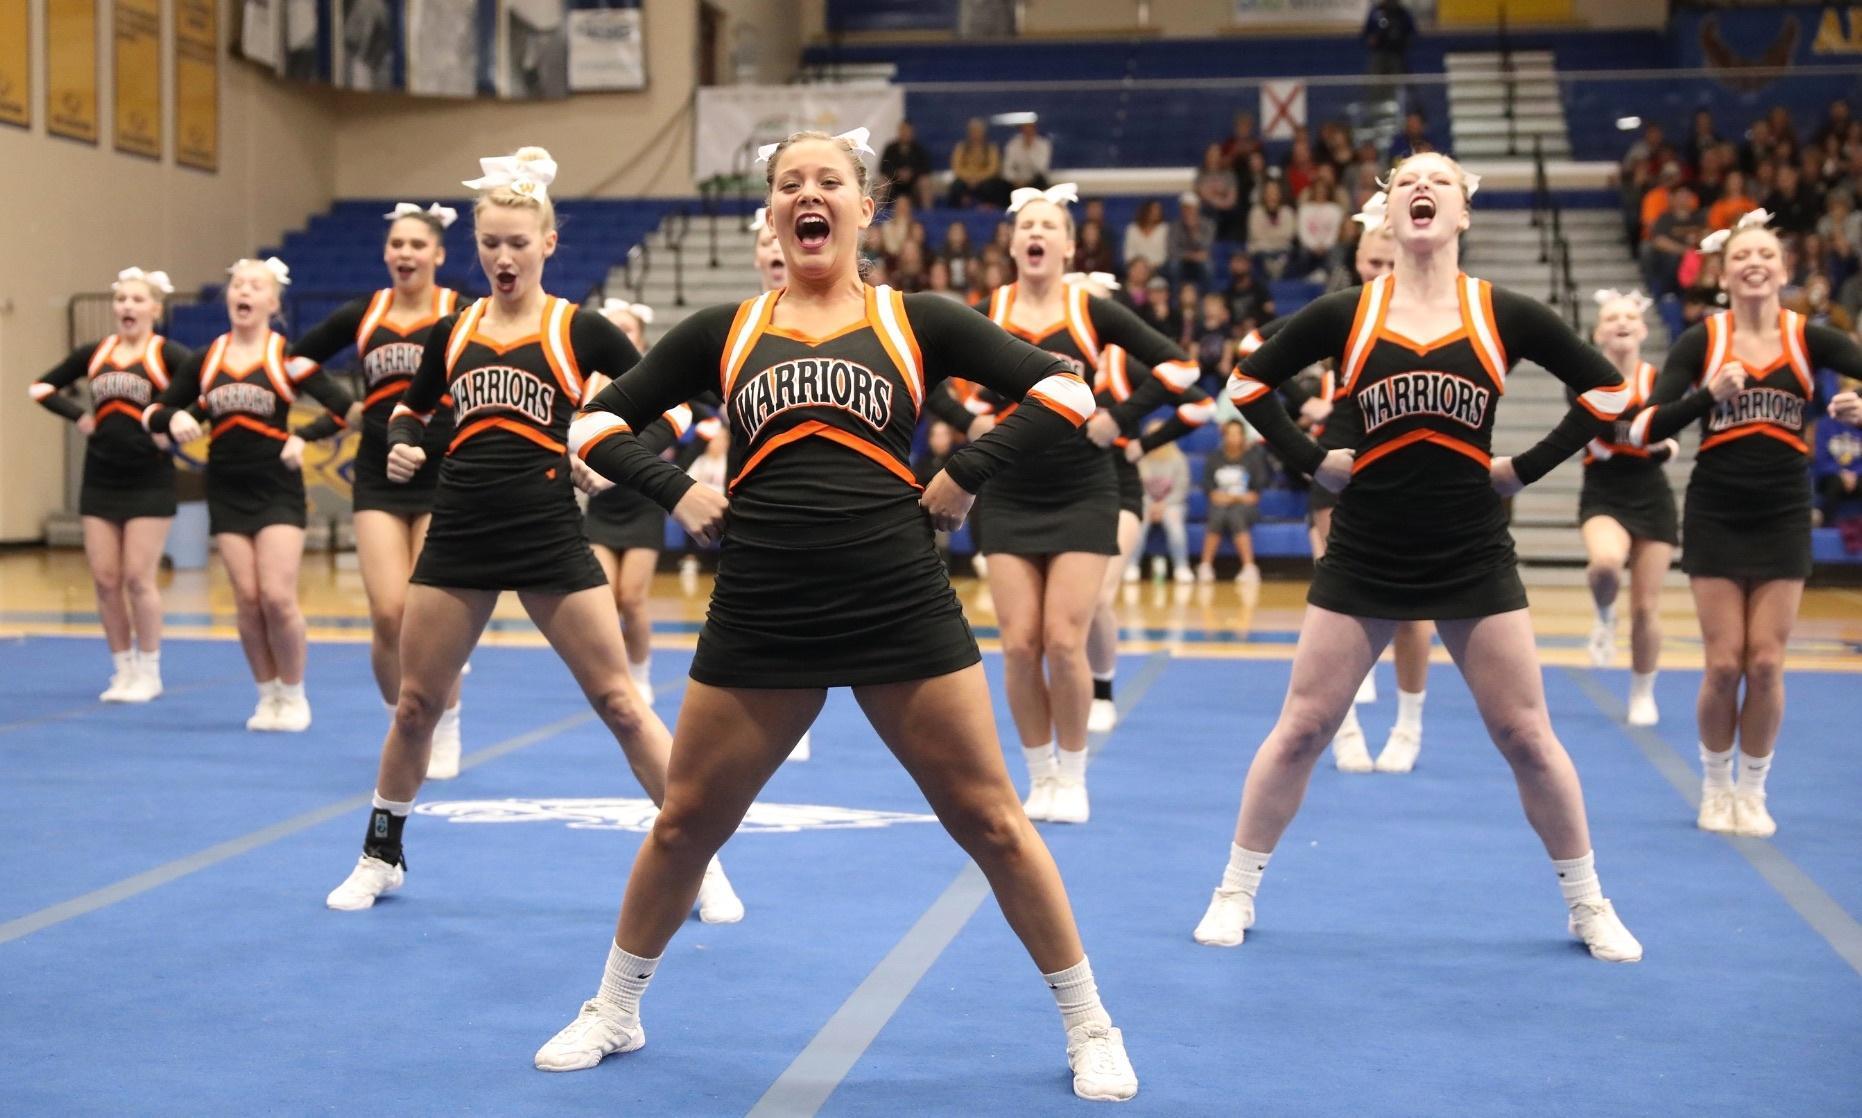 Washington Warriors Cheerleading